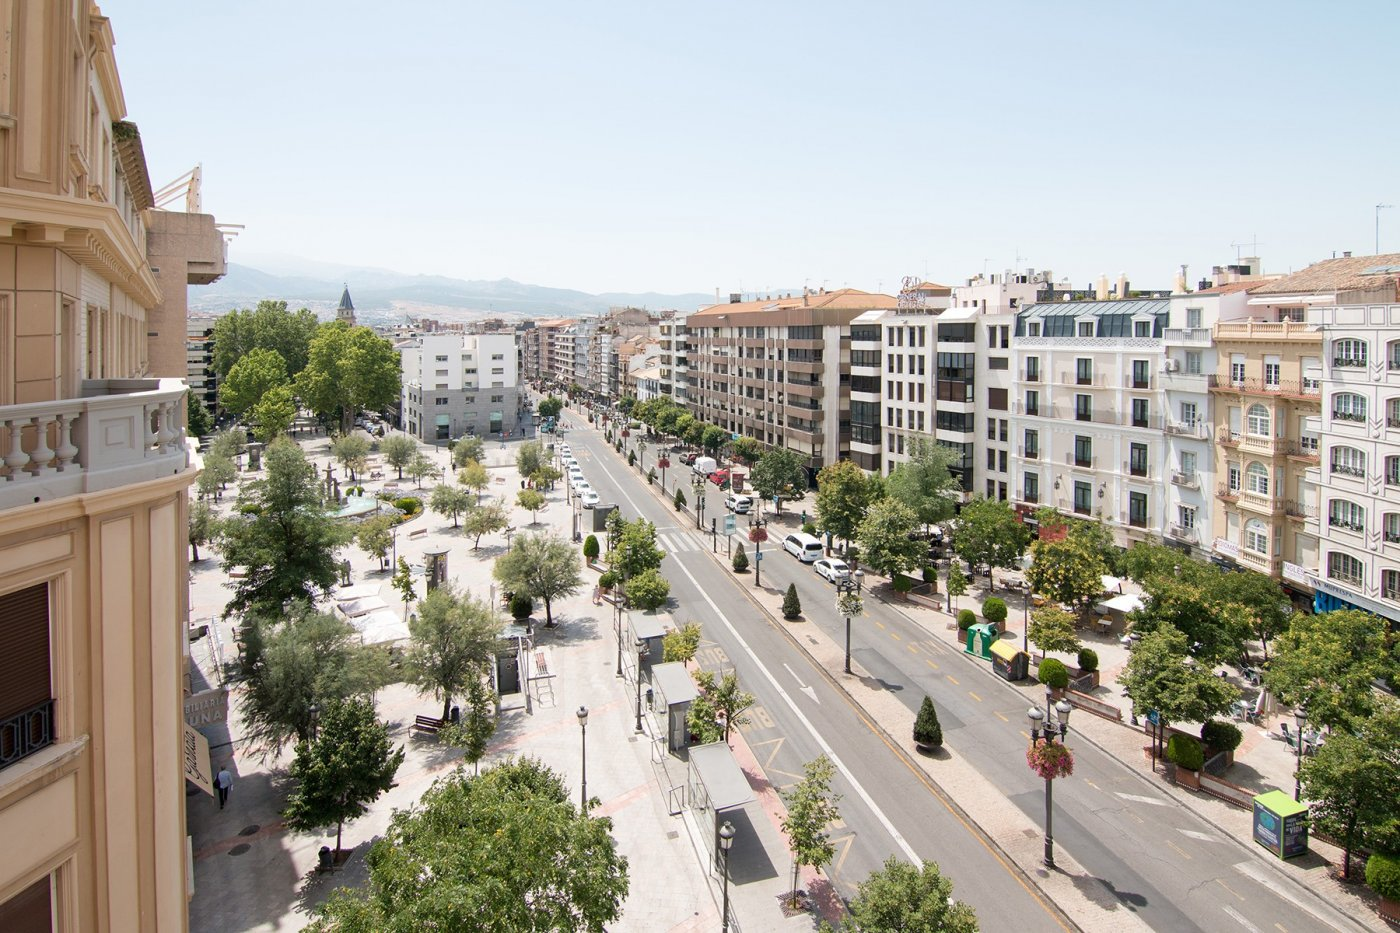 FABULOSO PISO EN EL KM 0 DE GRANADA. EN PUERTA REAL DE ESPAÑA, Granada